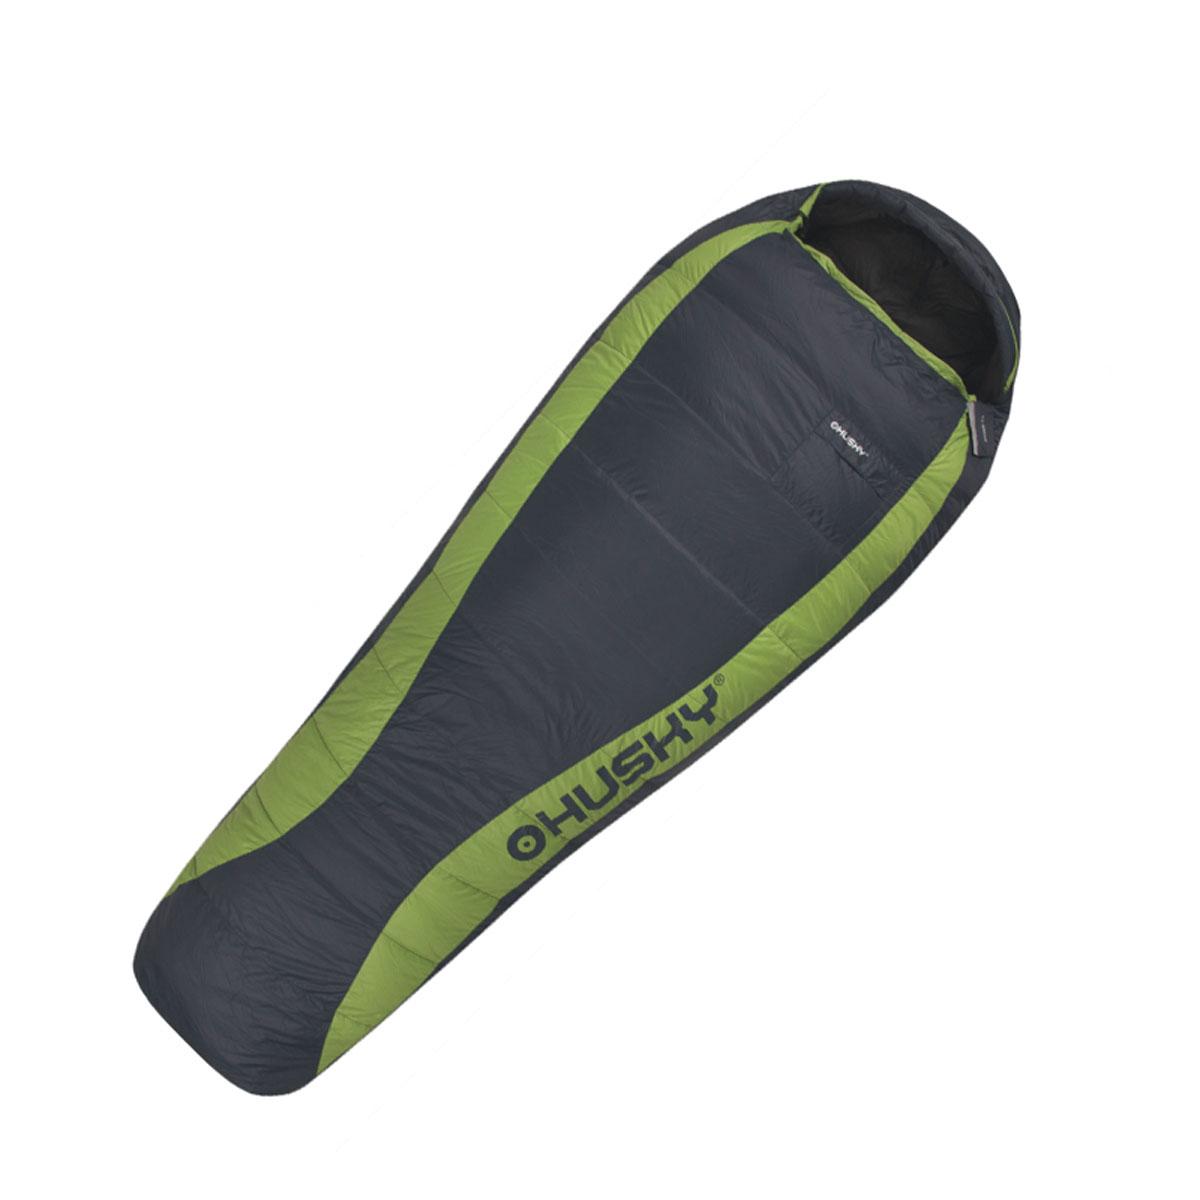 Спальный мешок Husky Dinis, правосторонняя молния, цвет: серый, зеленыйУТ-000057561Пуховый спальный мешок с весом всего 830 грамм.Самые современные ткани, внутренний воротник, антискользящие полосы, карманы снаружи и внутри, теплыемолнии YKK, компрессионный мешок.Внутренний материал: 380T нейлон.Внешний материал: 20D нейлон Tactel.Утеплитель: гусиный пух 90/10 700 cuin.